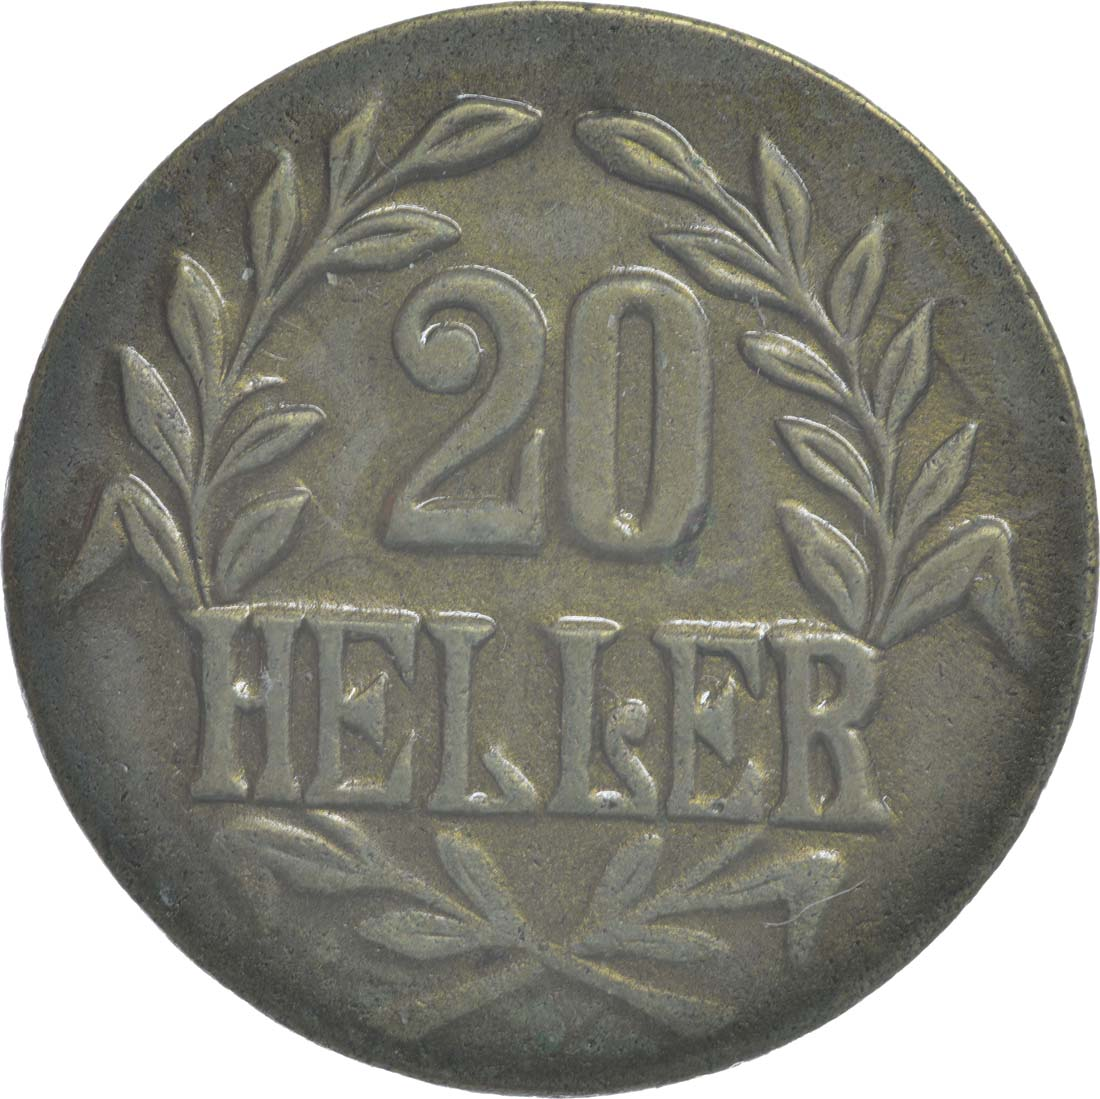 Vorderseite:Deutschland : 20 Heller breite Krone, Metall geprüft per Röntgenfluoreszenzanalyse !Erhaltung! 1916 vz.